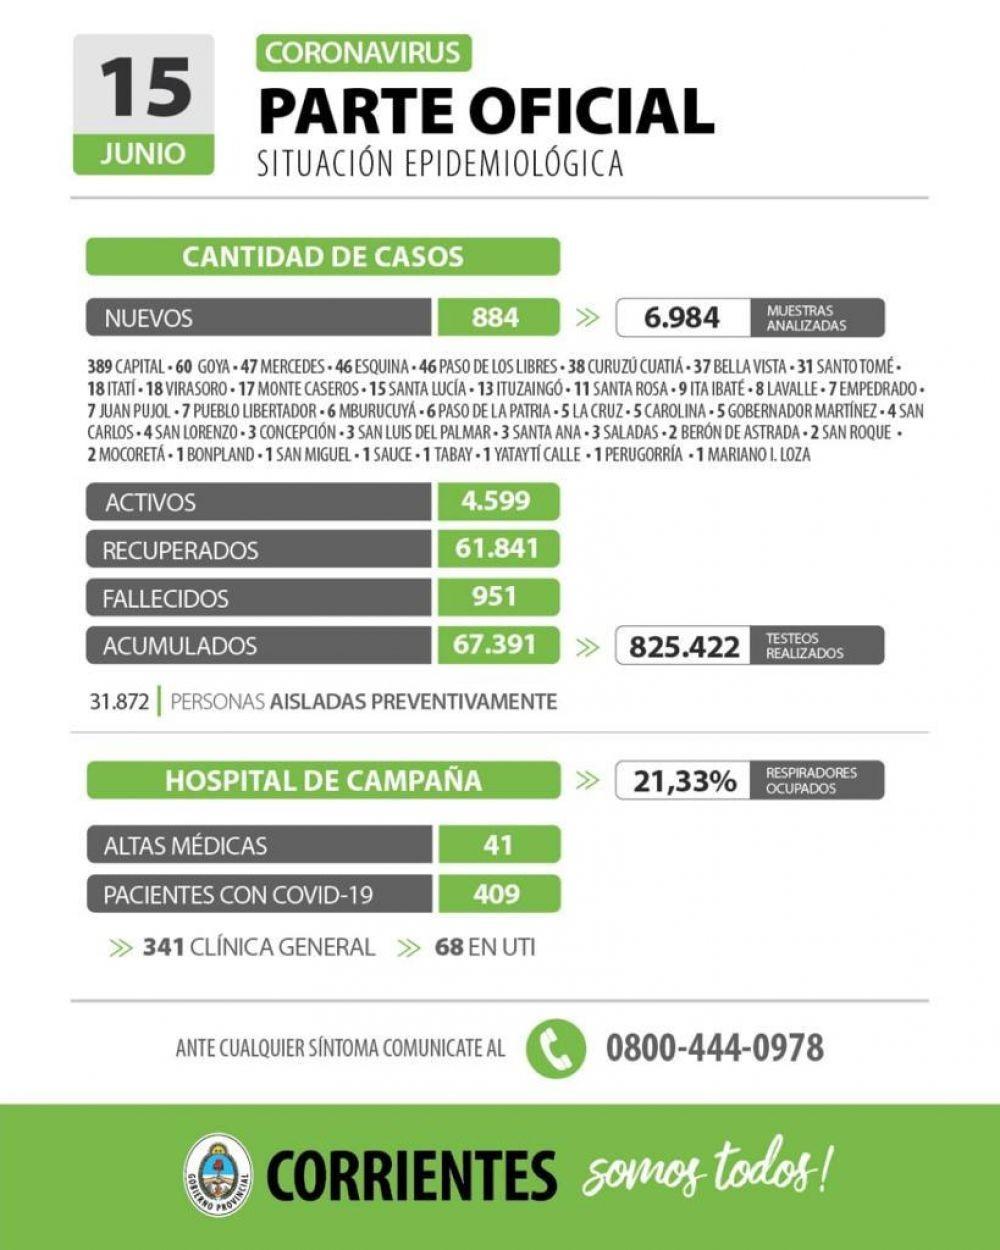 Informan de 884 nuevos casos de coronavirus en Corrientes